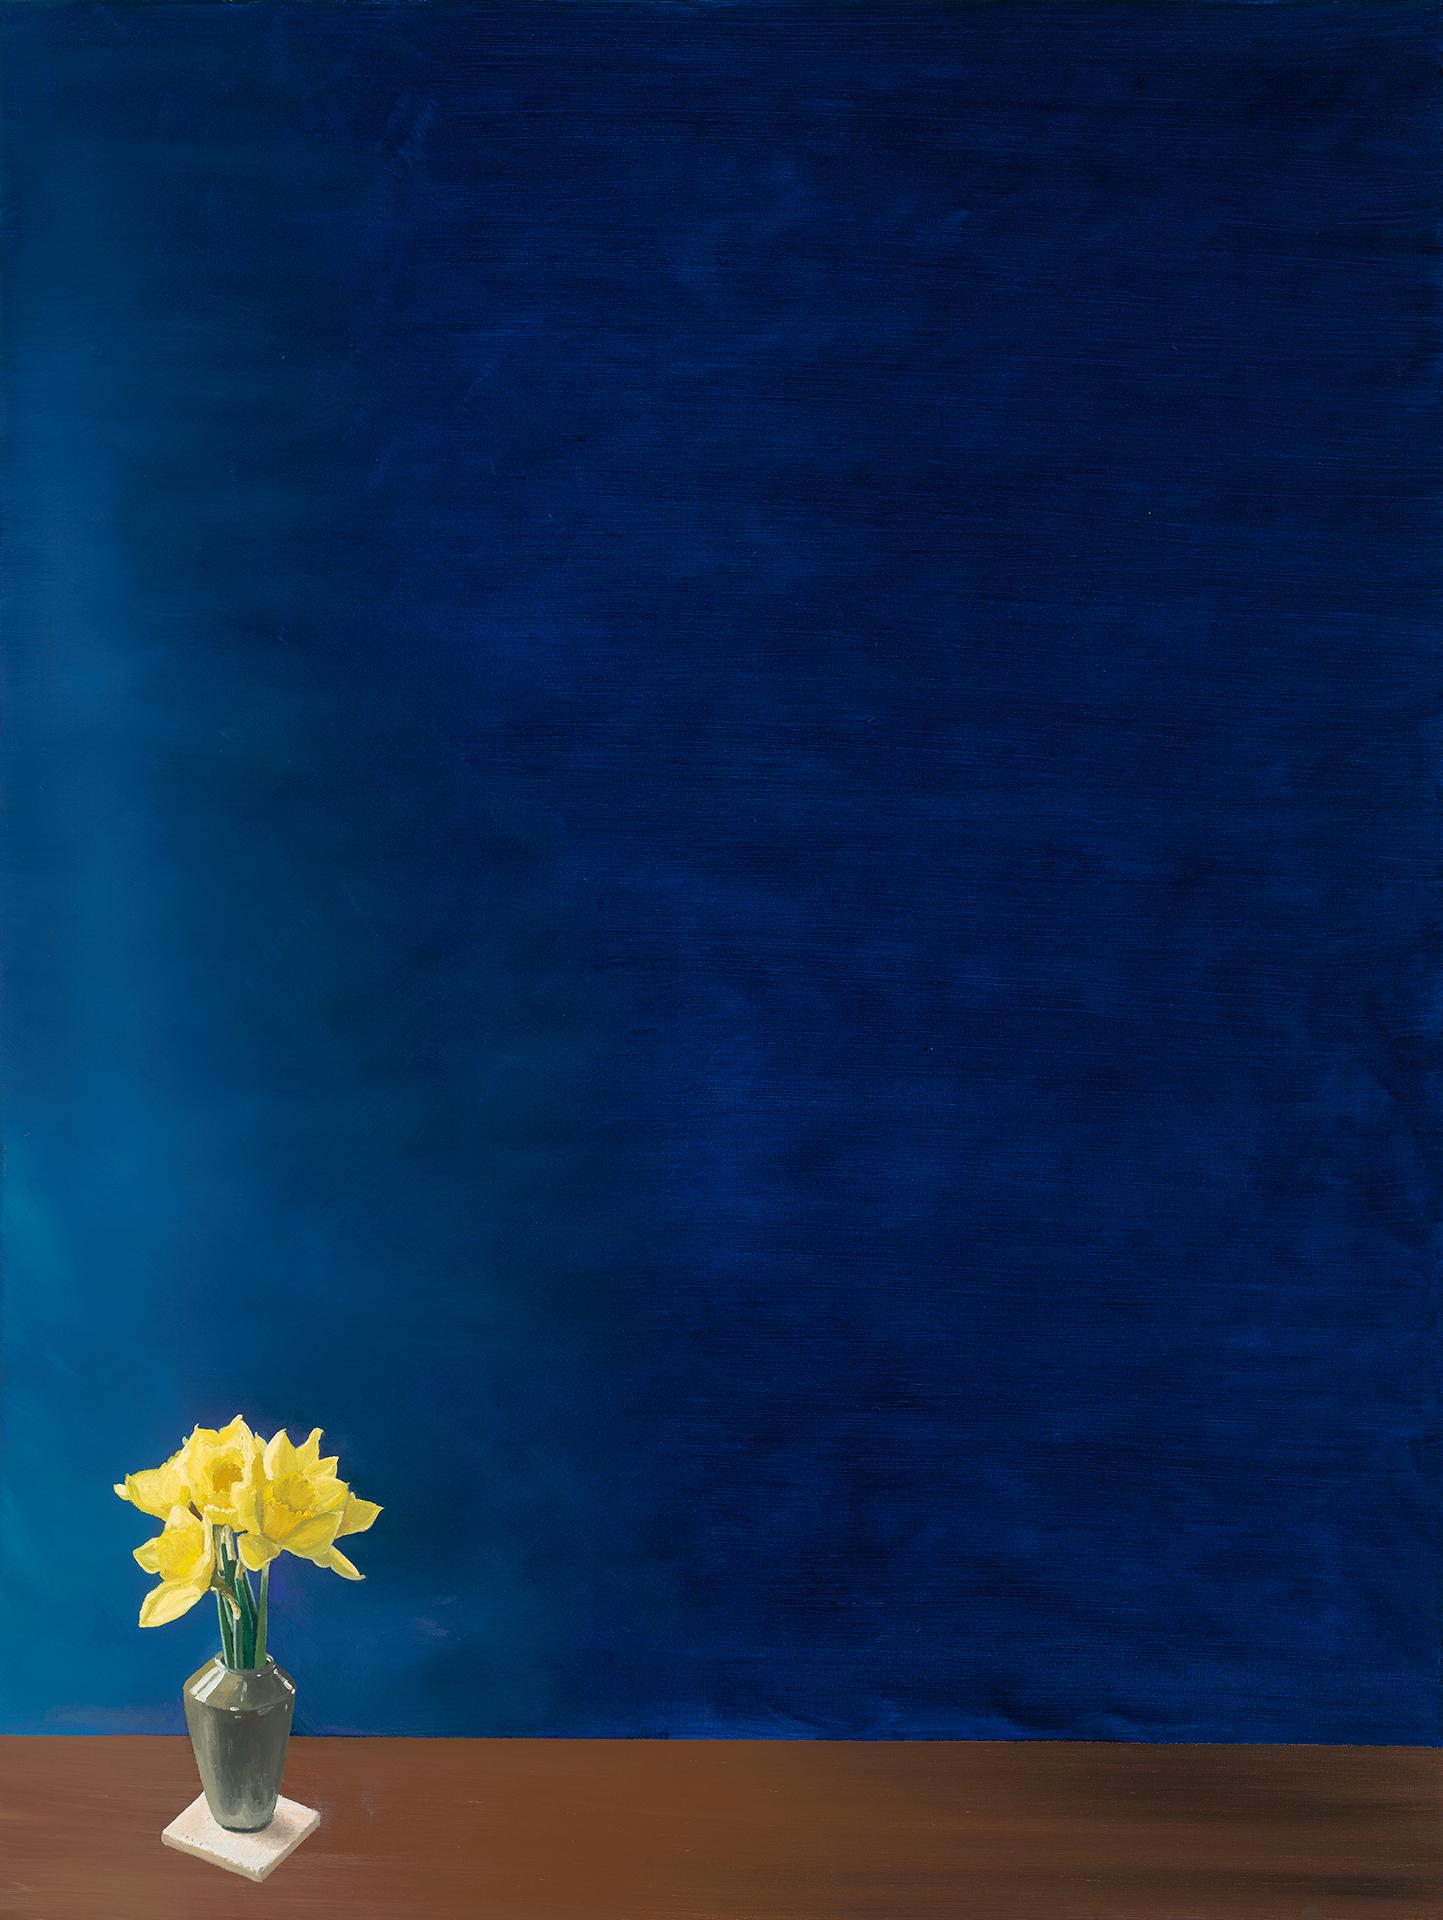 20587 brendan kramp 7   study in blue with daffodils web qojdac